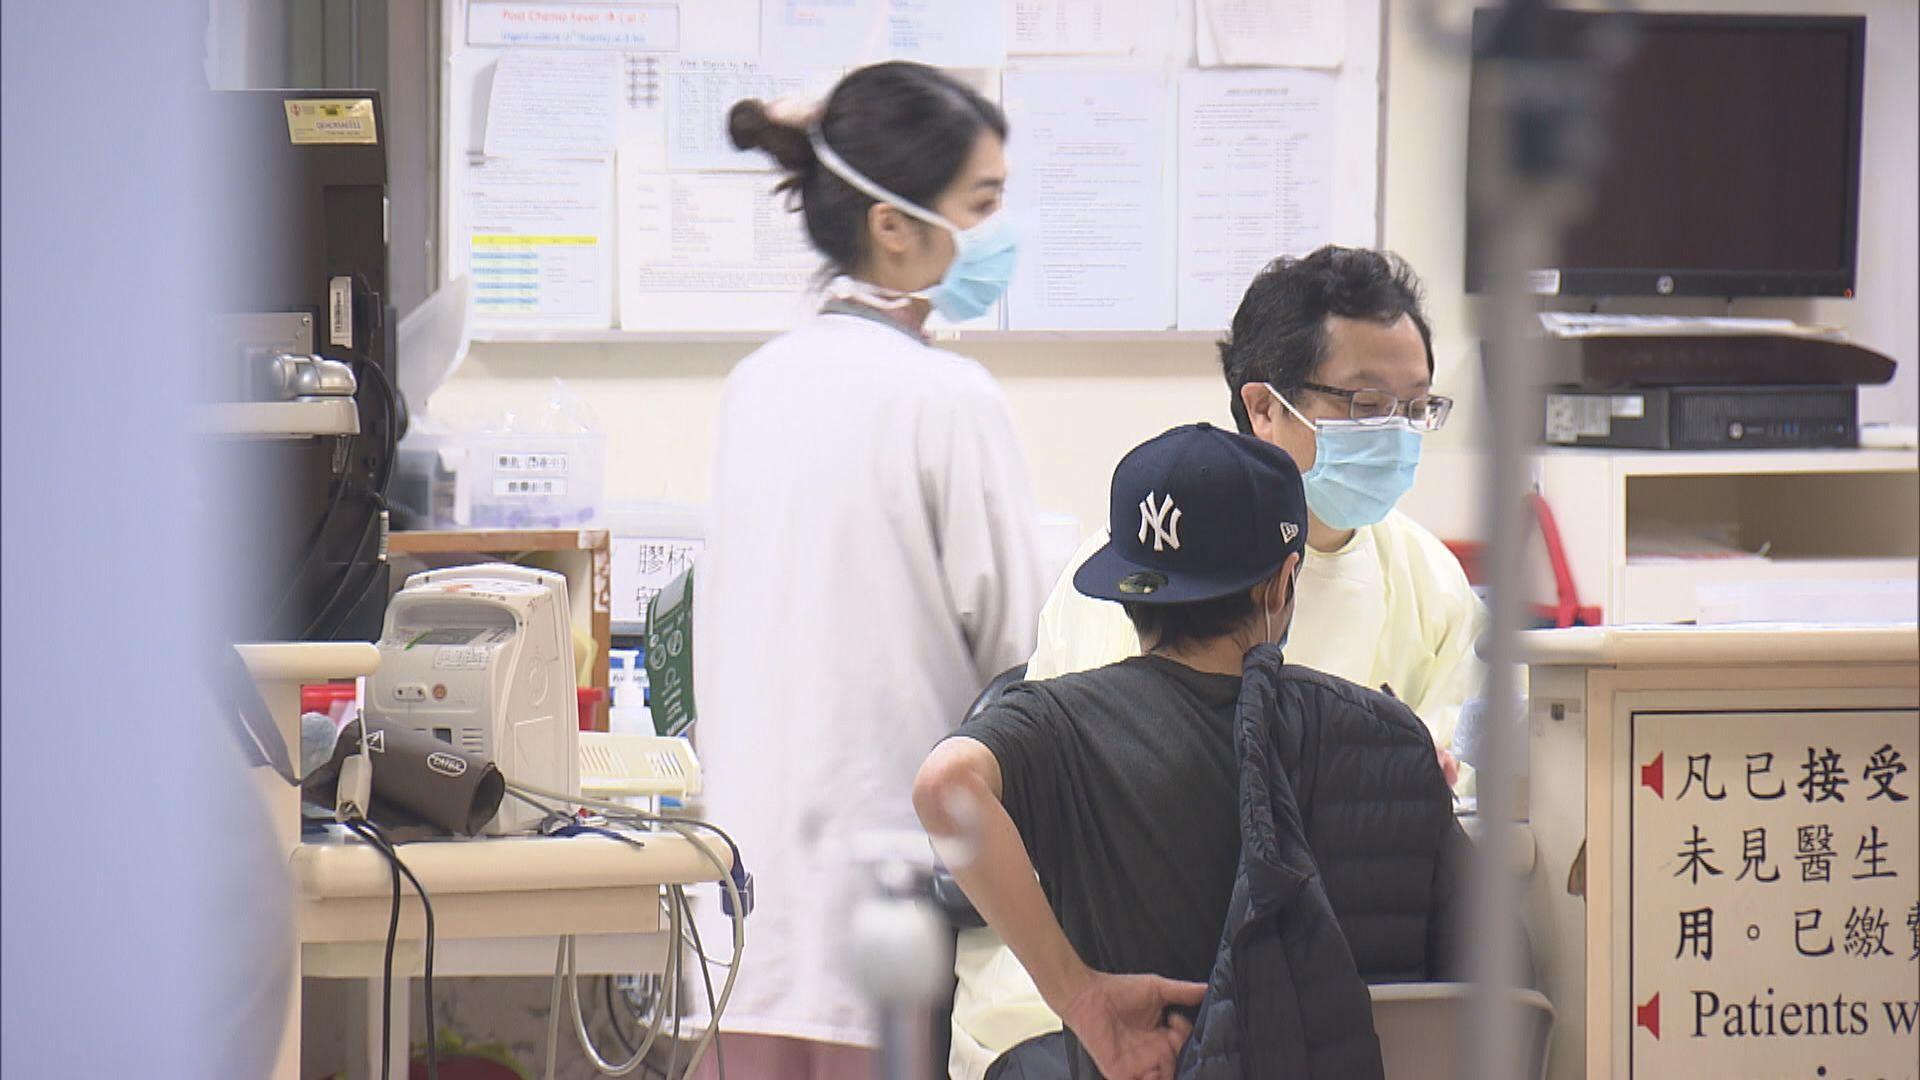 醫管局近十年員工成本遠超醫護人手增幅